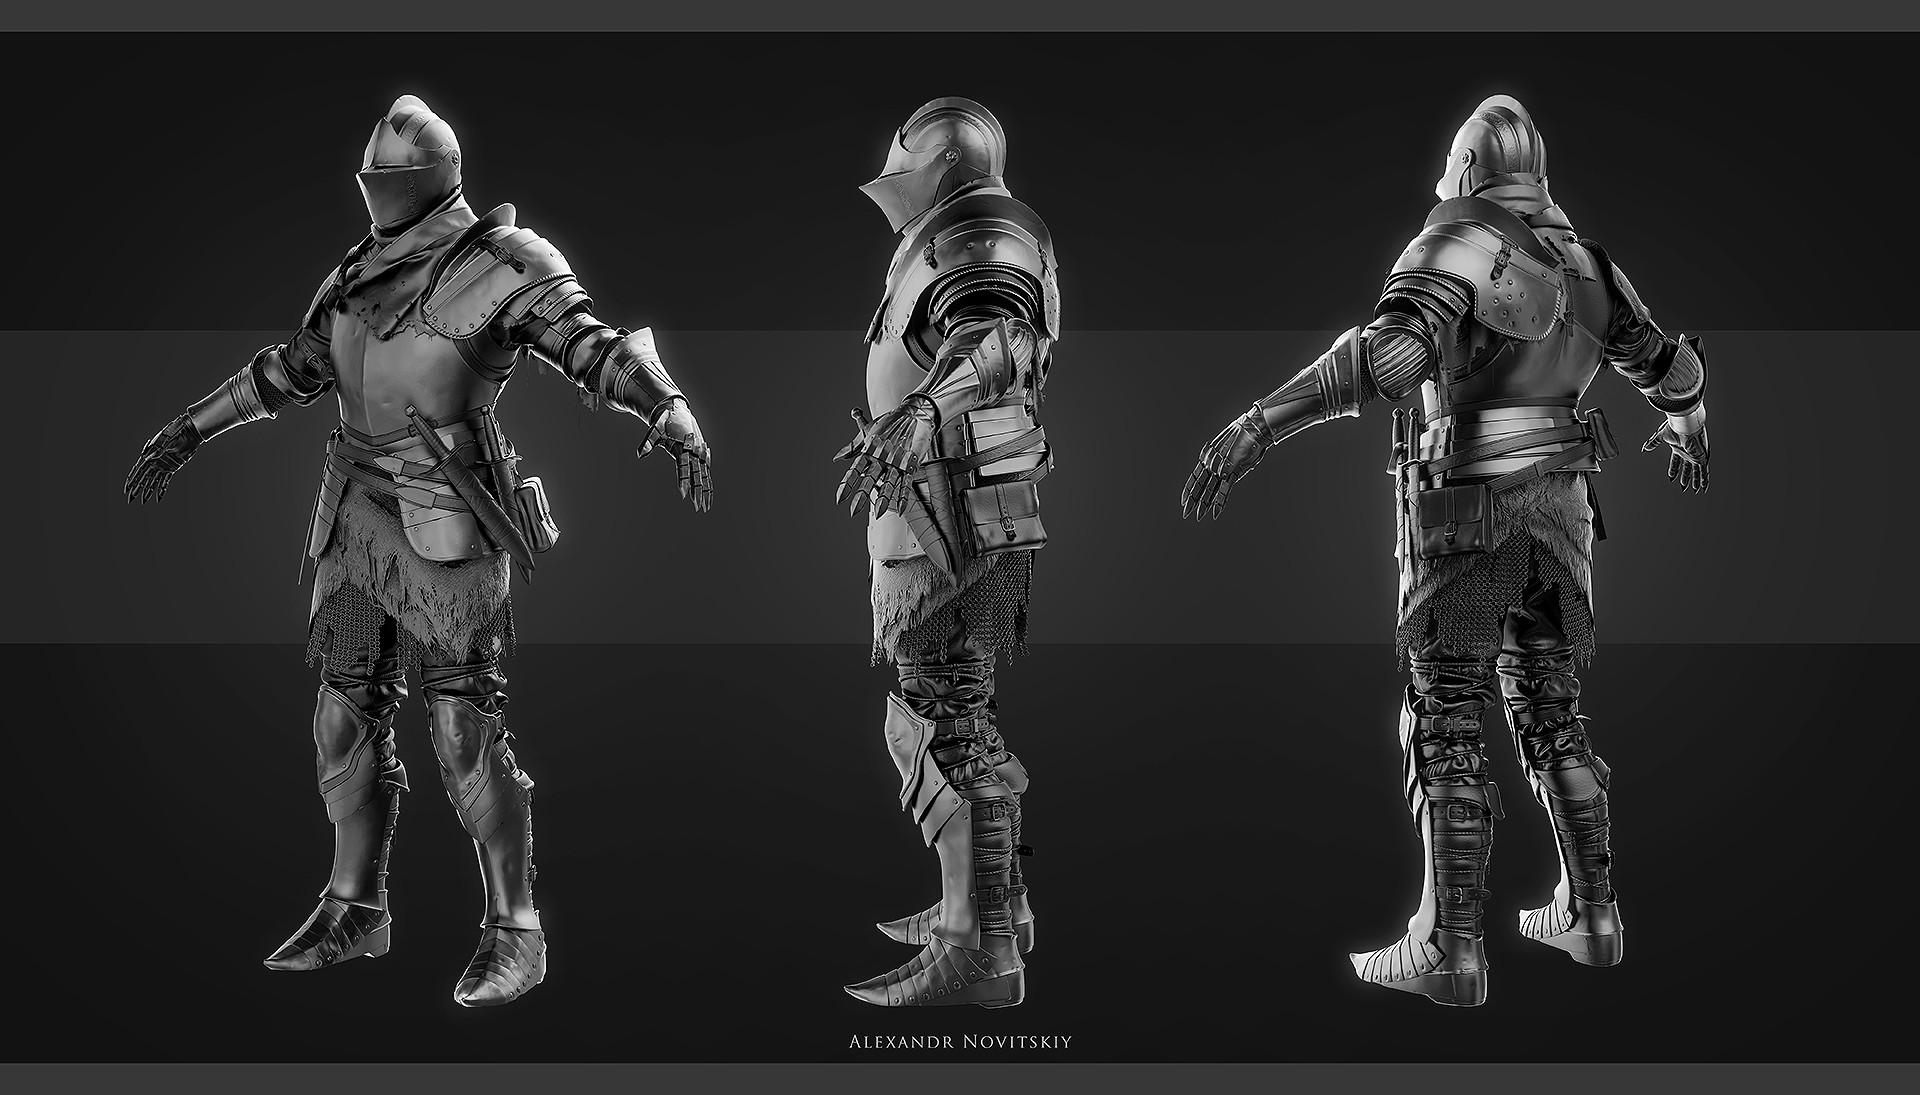 Alexandr novitskiy dark knight grey